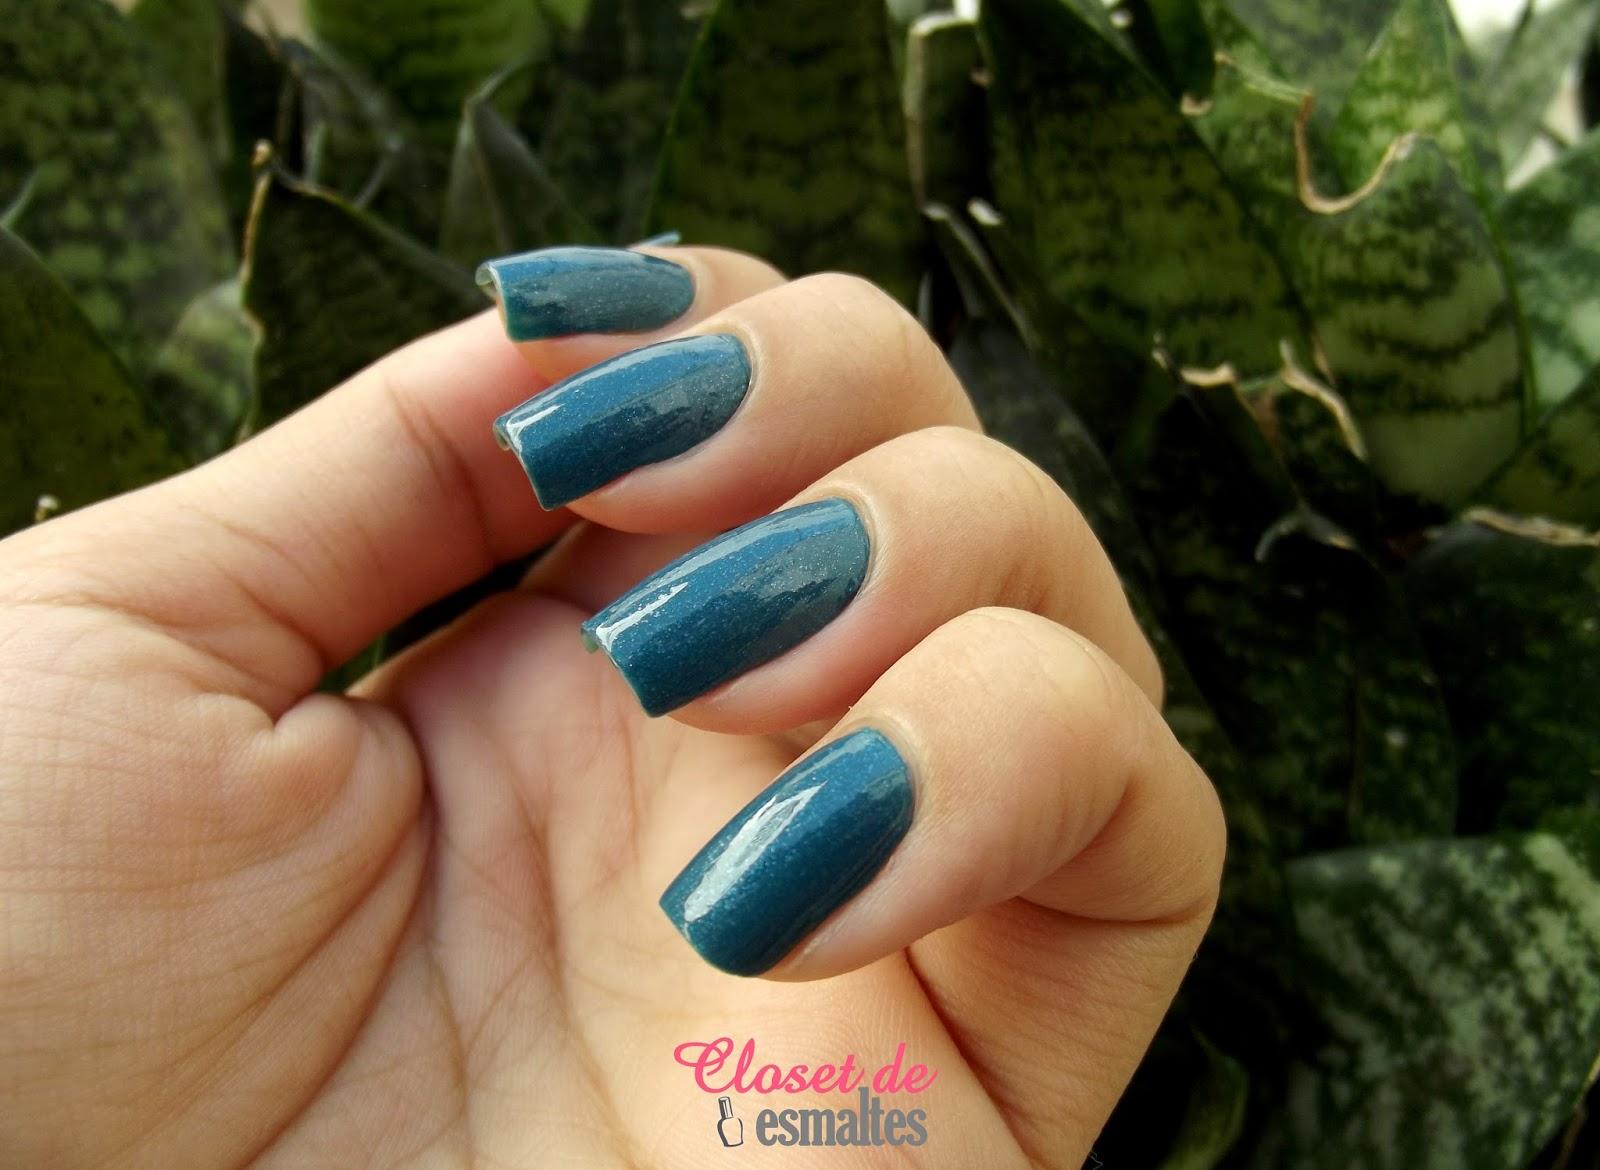 esmalte #azulperfeito da avon, esmalte avon, #azulperfeito da avon, esmalte #azul perfeito, esmalte azul, closet de esmaltes, kahena kévya, esmaltes, unhas, nail art,